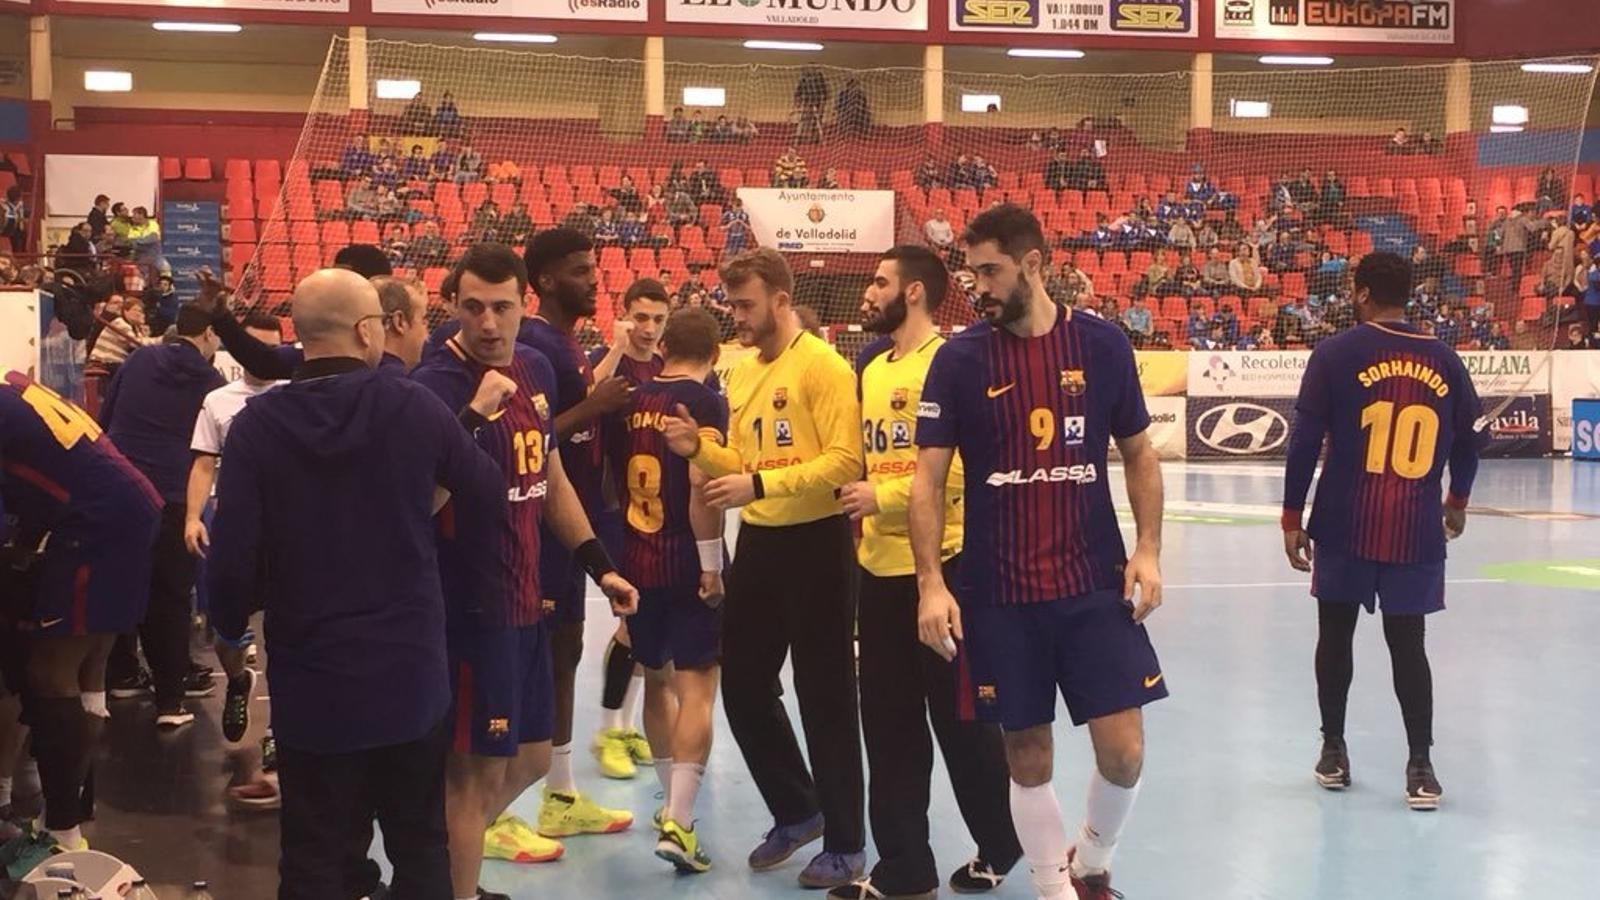 Palmarsson dona el triomf el Barça Lassa en el darrer segon (29-30)